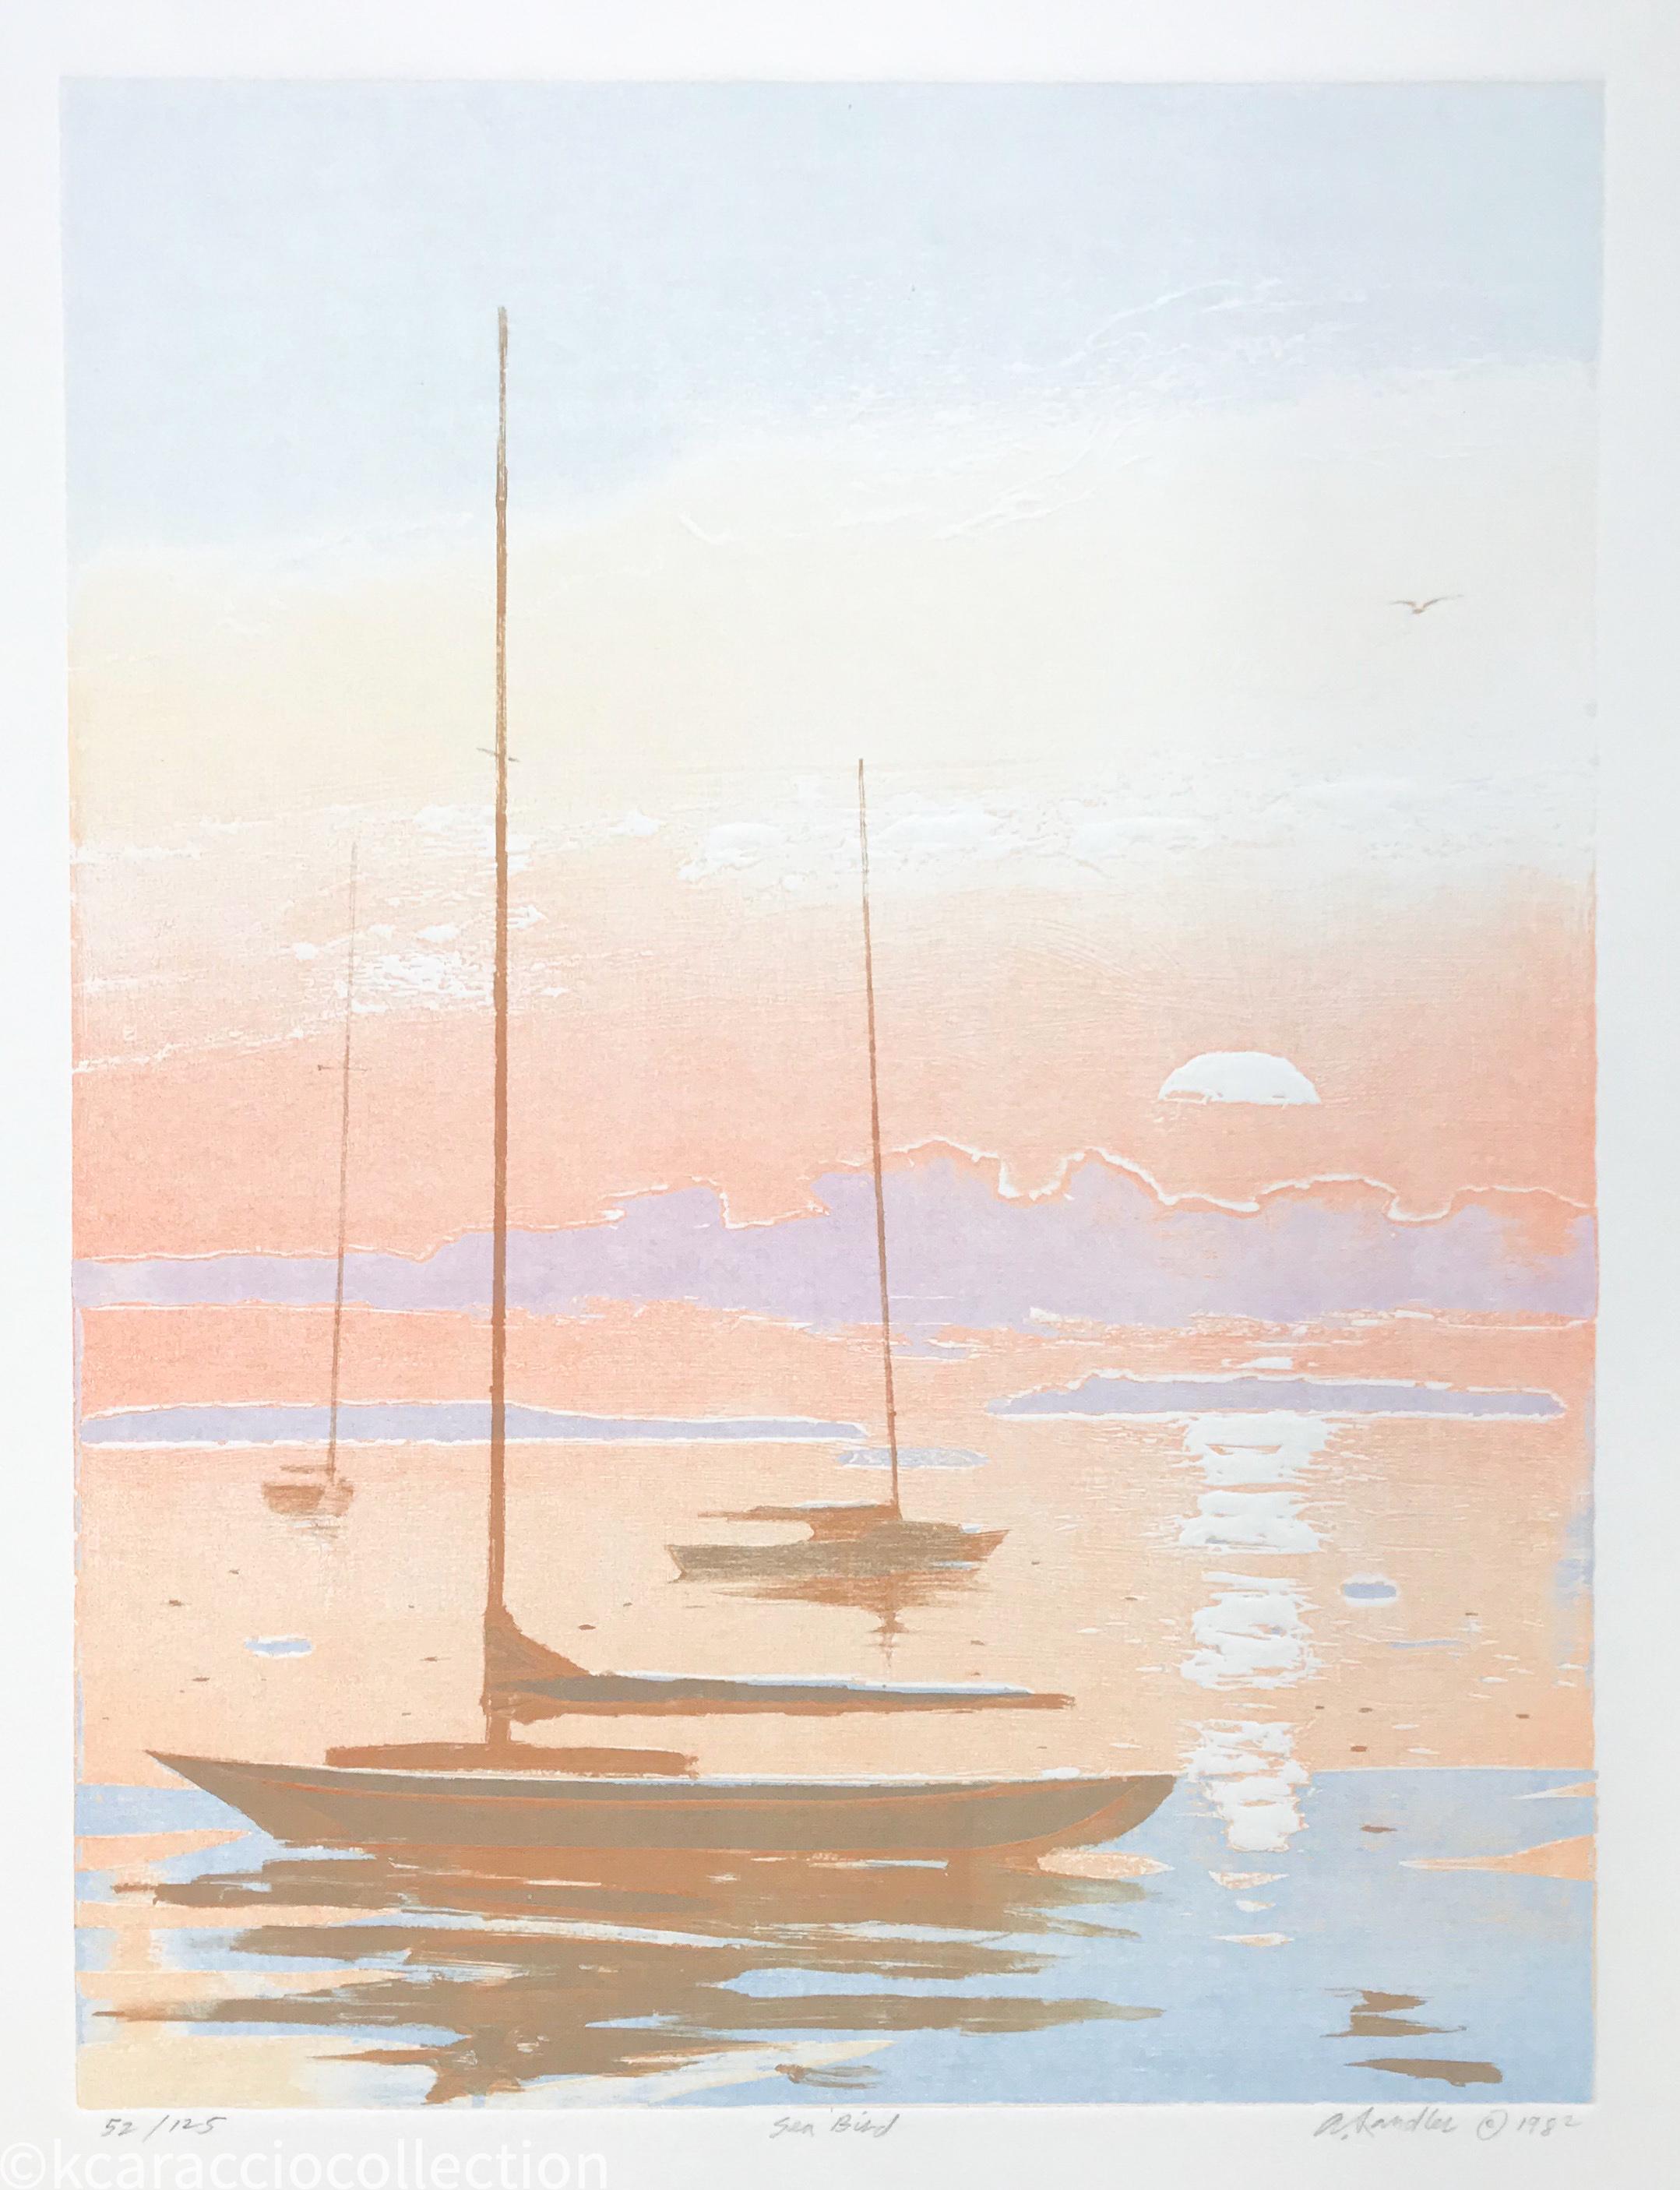 Sea Bird, 1982